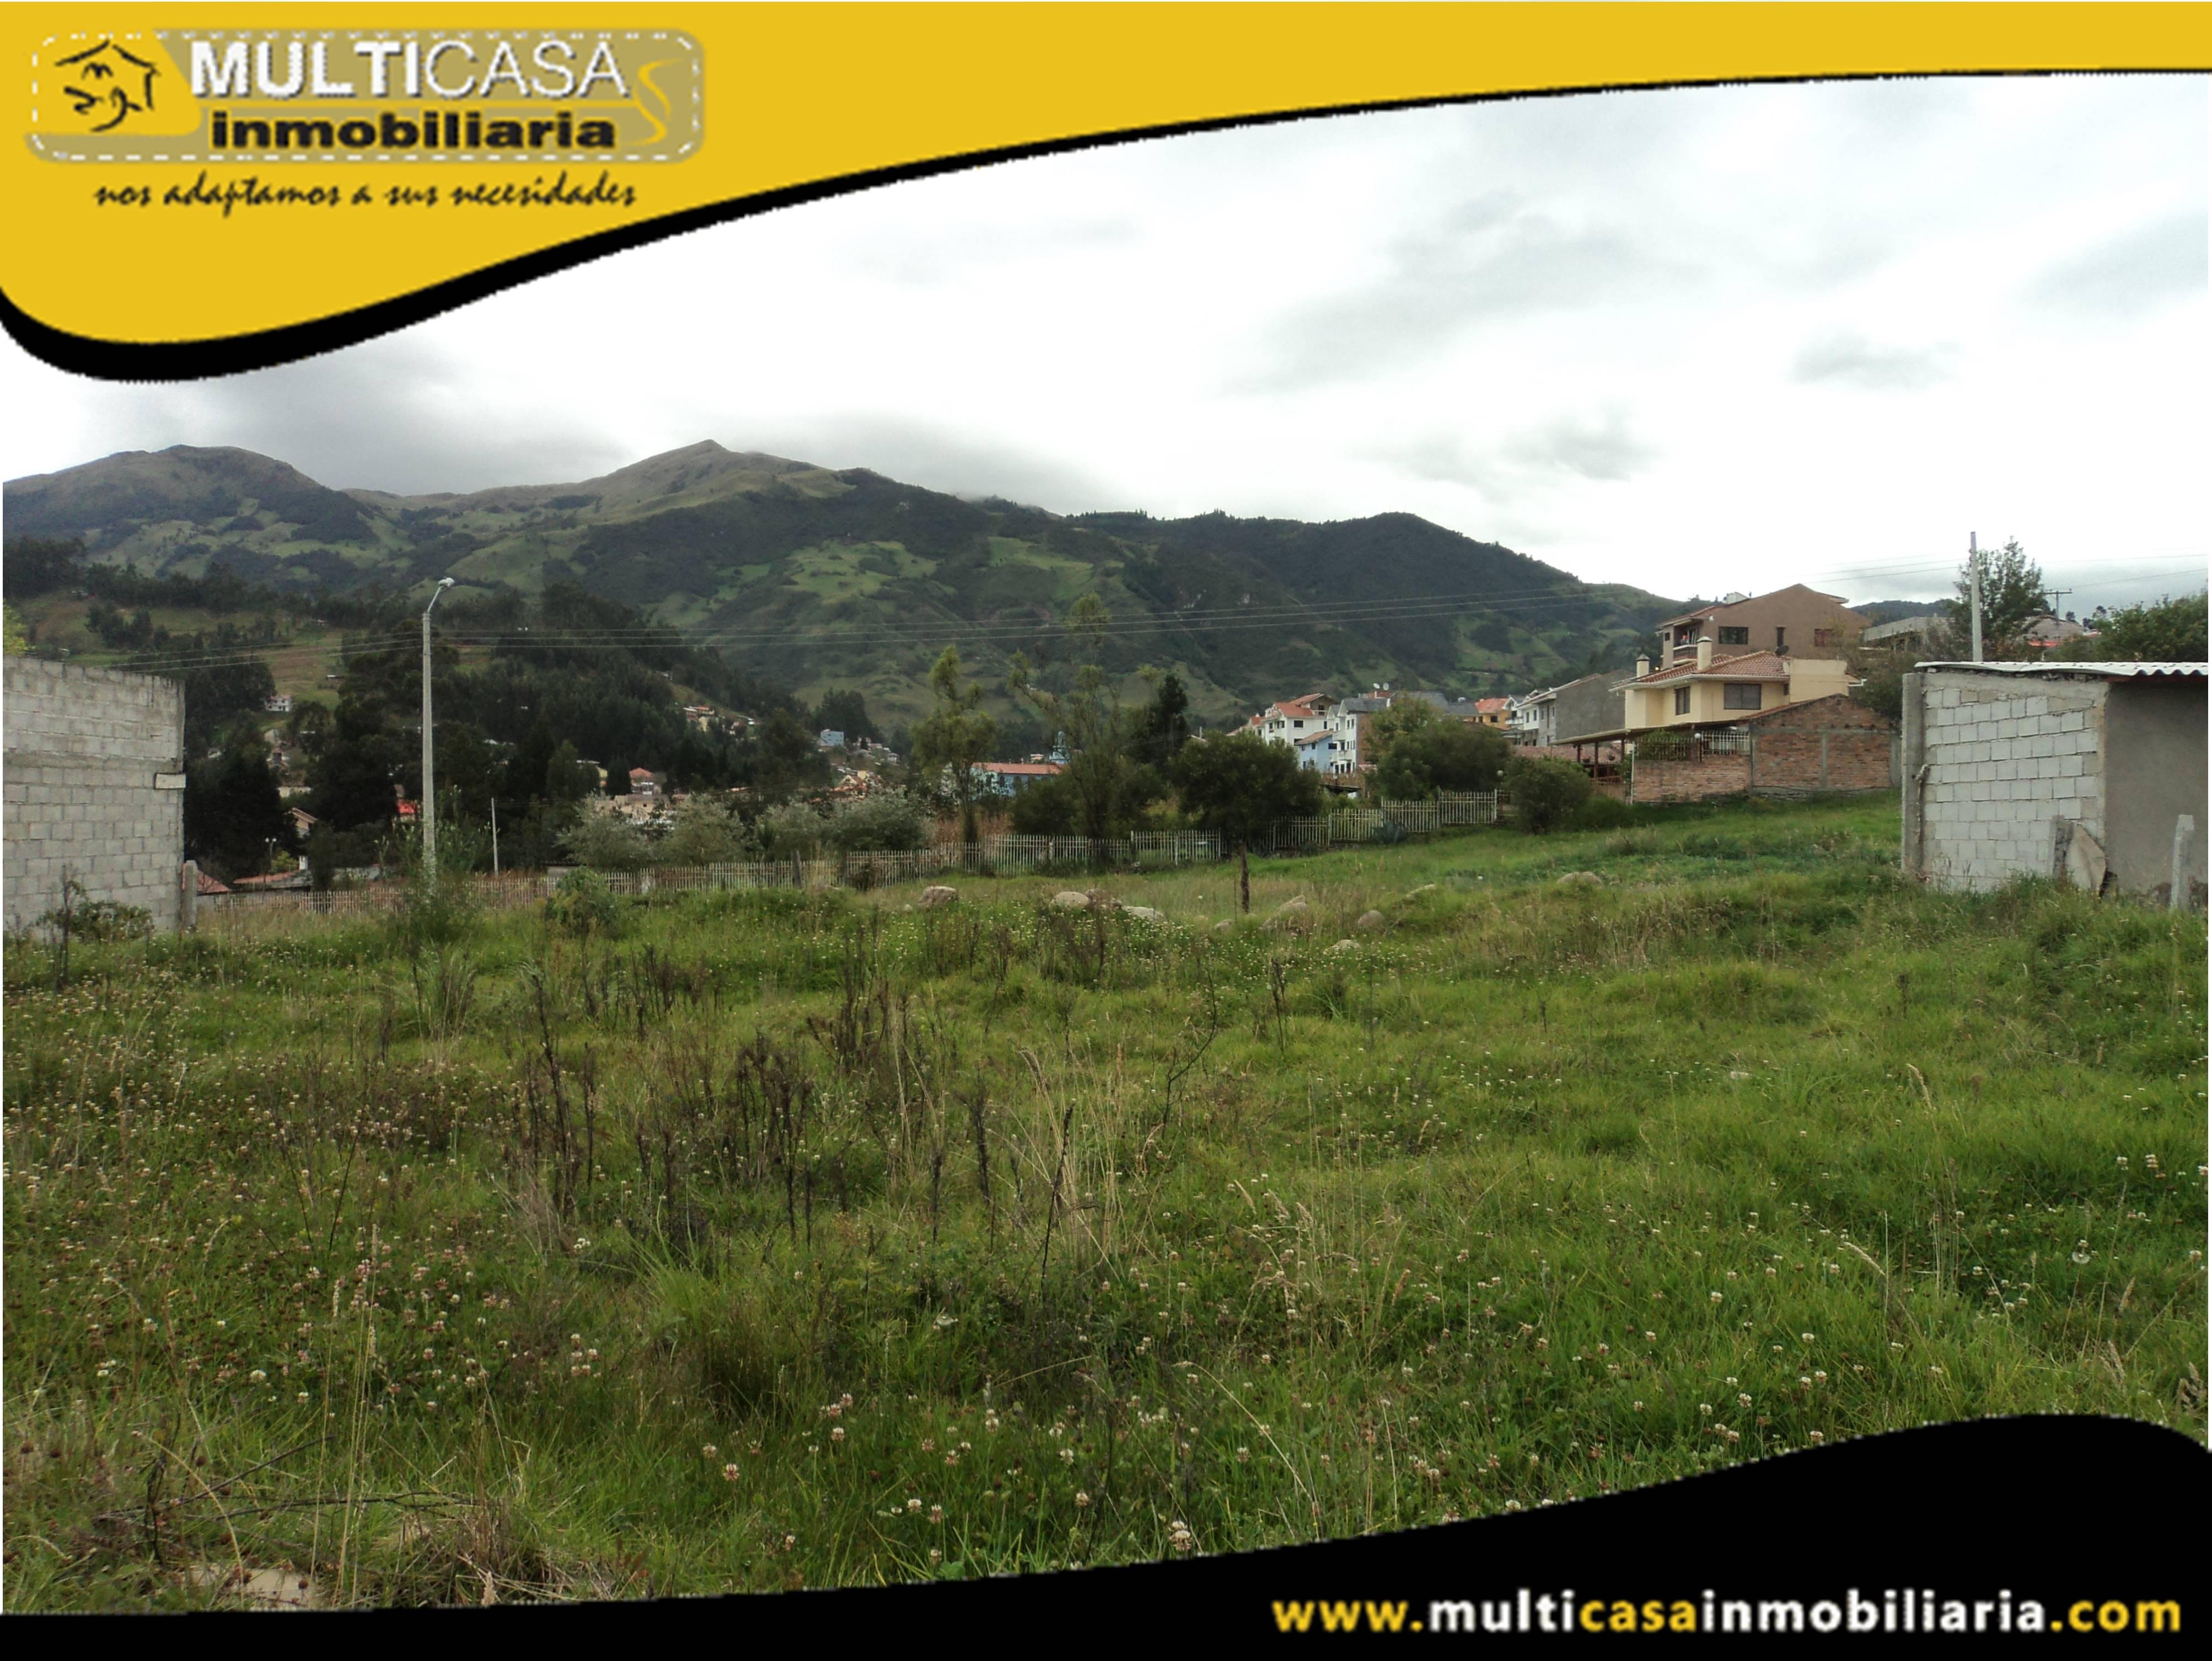 Dos Lotes de Venta con todas las obras Sector Misicata Cuenca - Ecuador